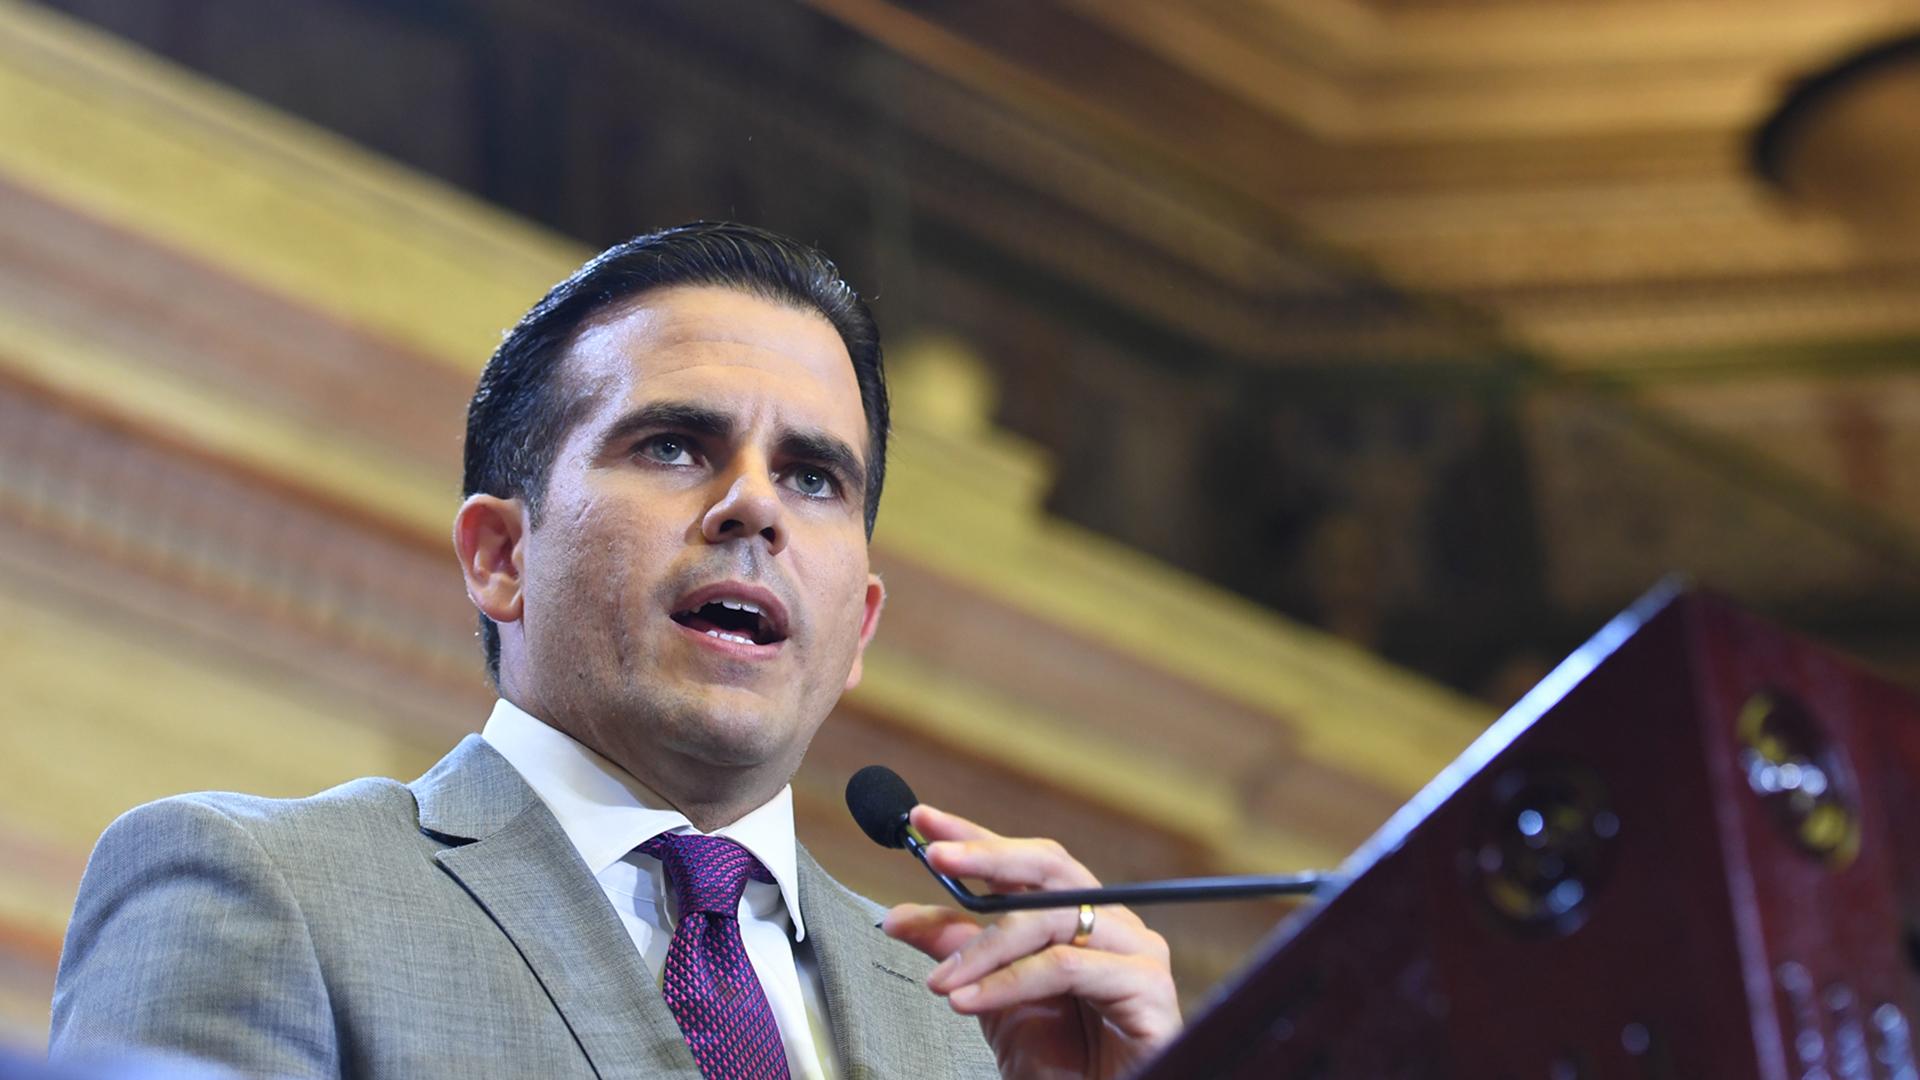 Ricardo Rosselló les hace una petición a los legisladores en el hemiciclo